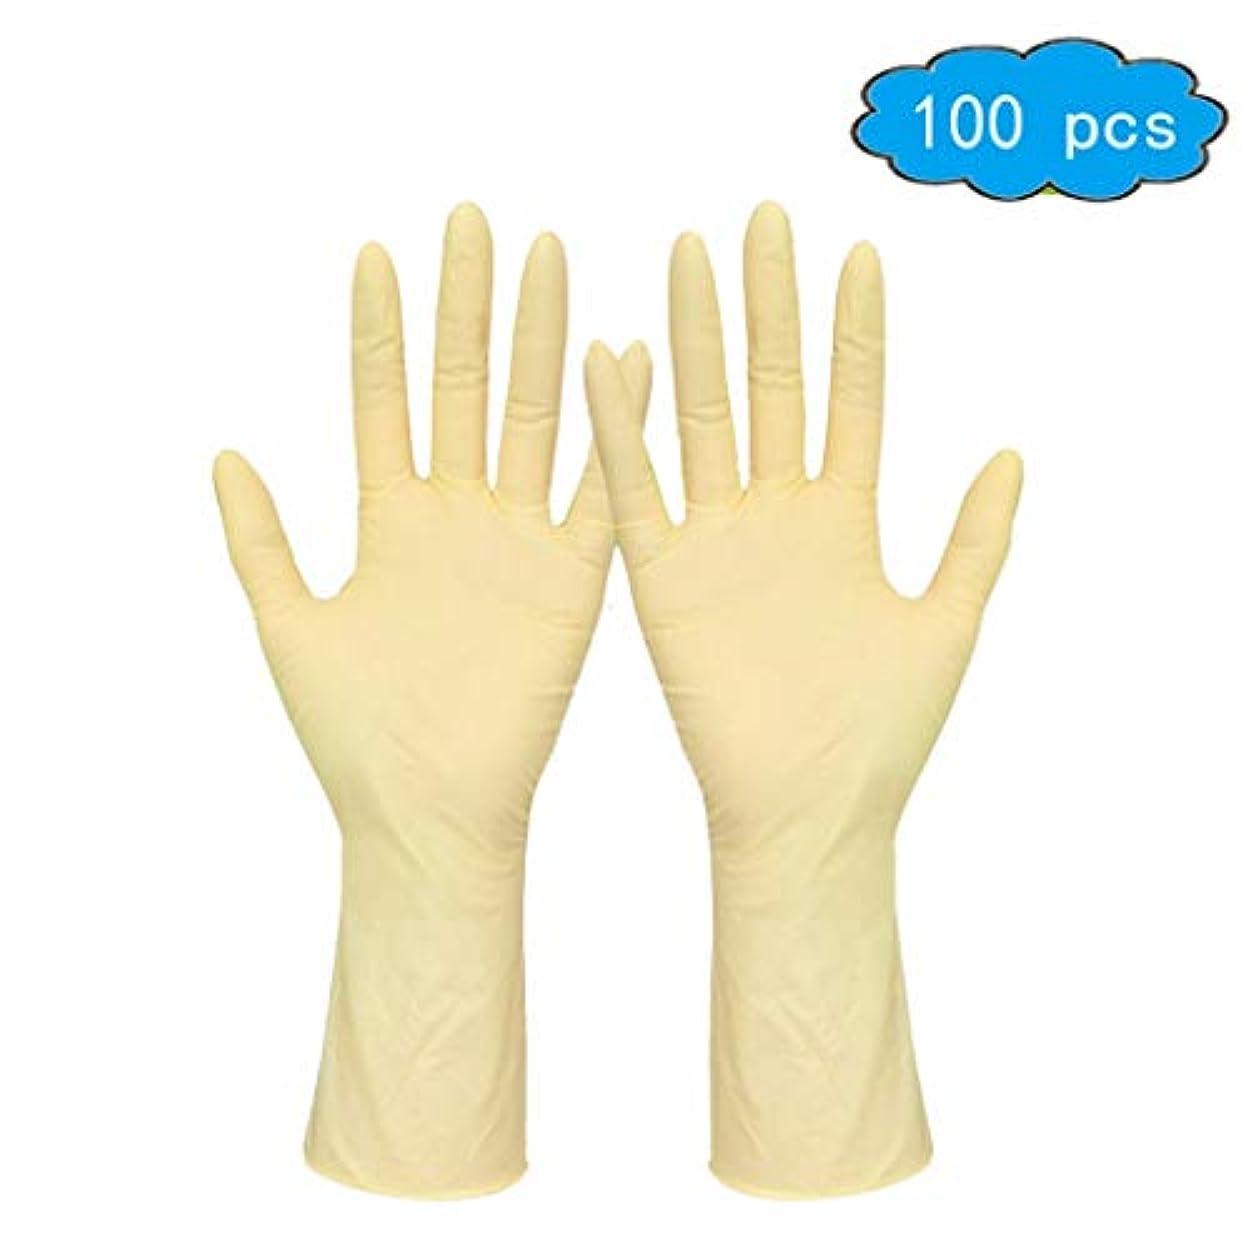 検閲疑わしいくぼみラテックスグローブパウダーフリー/使い捨て食品準備調理用グローブ/キッチンフードサービスクリーニンググローブ(大)100手袋、非滅菌使い捨て安全手袋 (Color : Beige, Size : S)